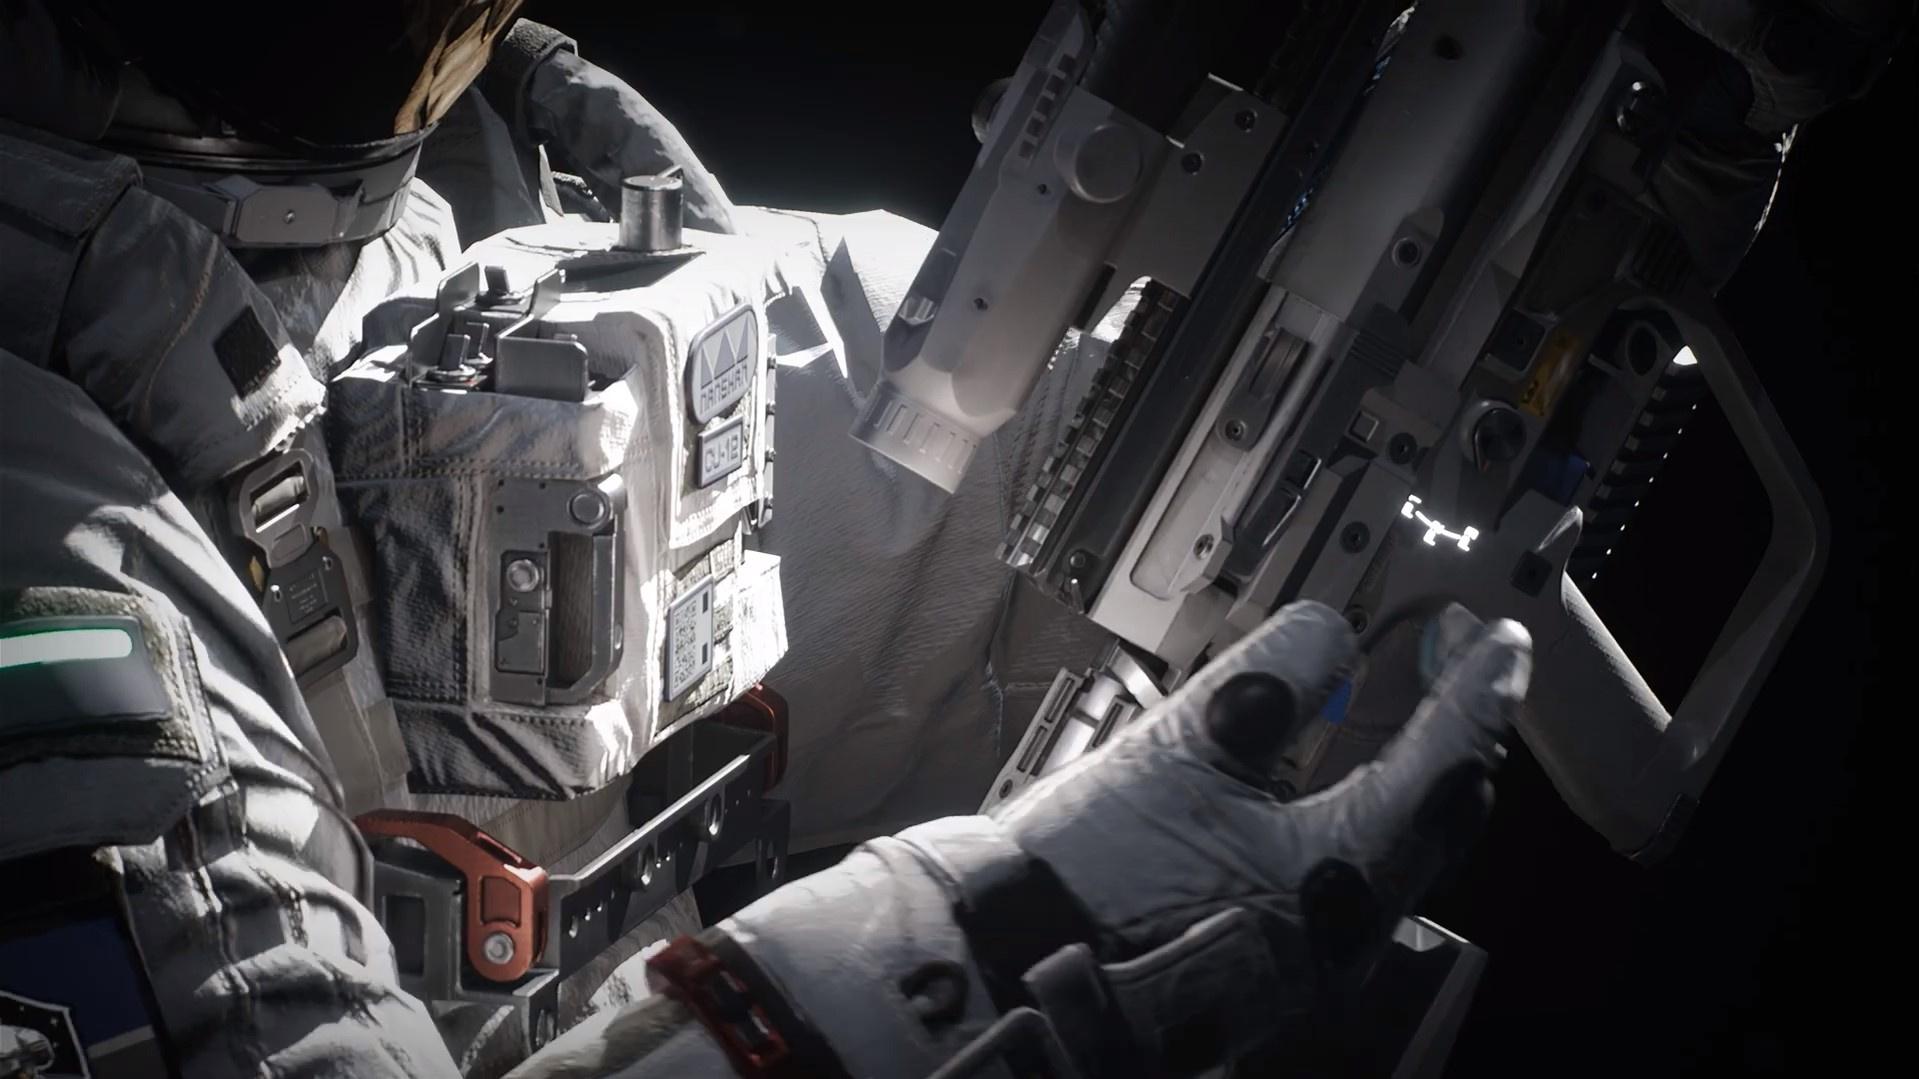 Космический шутер Boundary выпустят летом — сначала на PS4 и PC